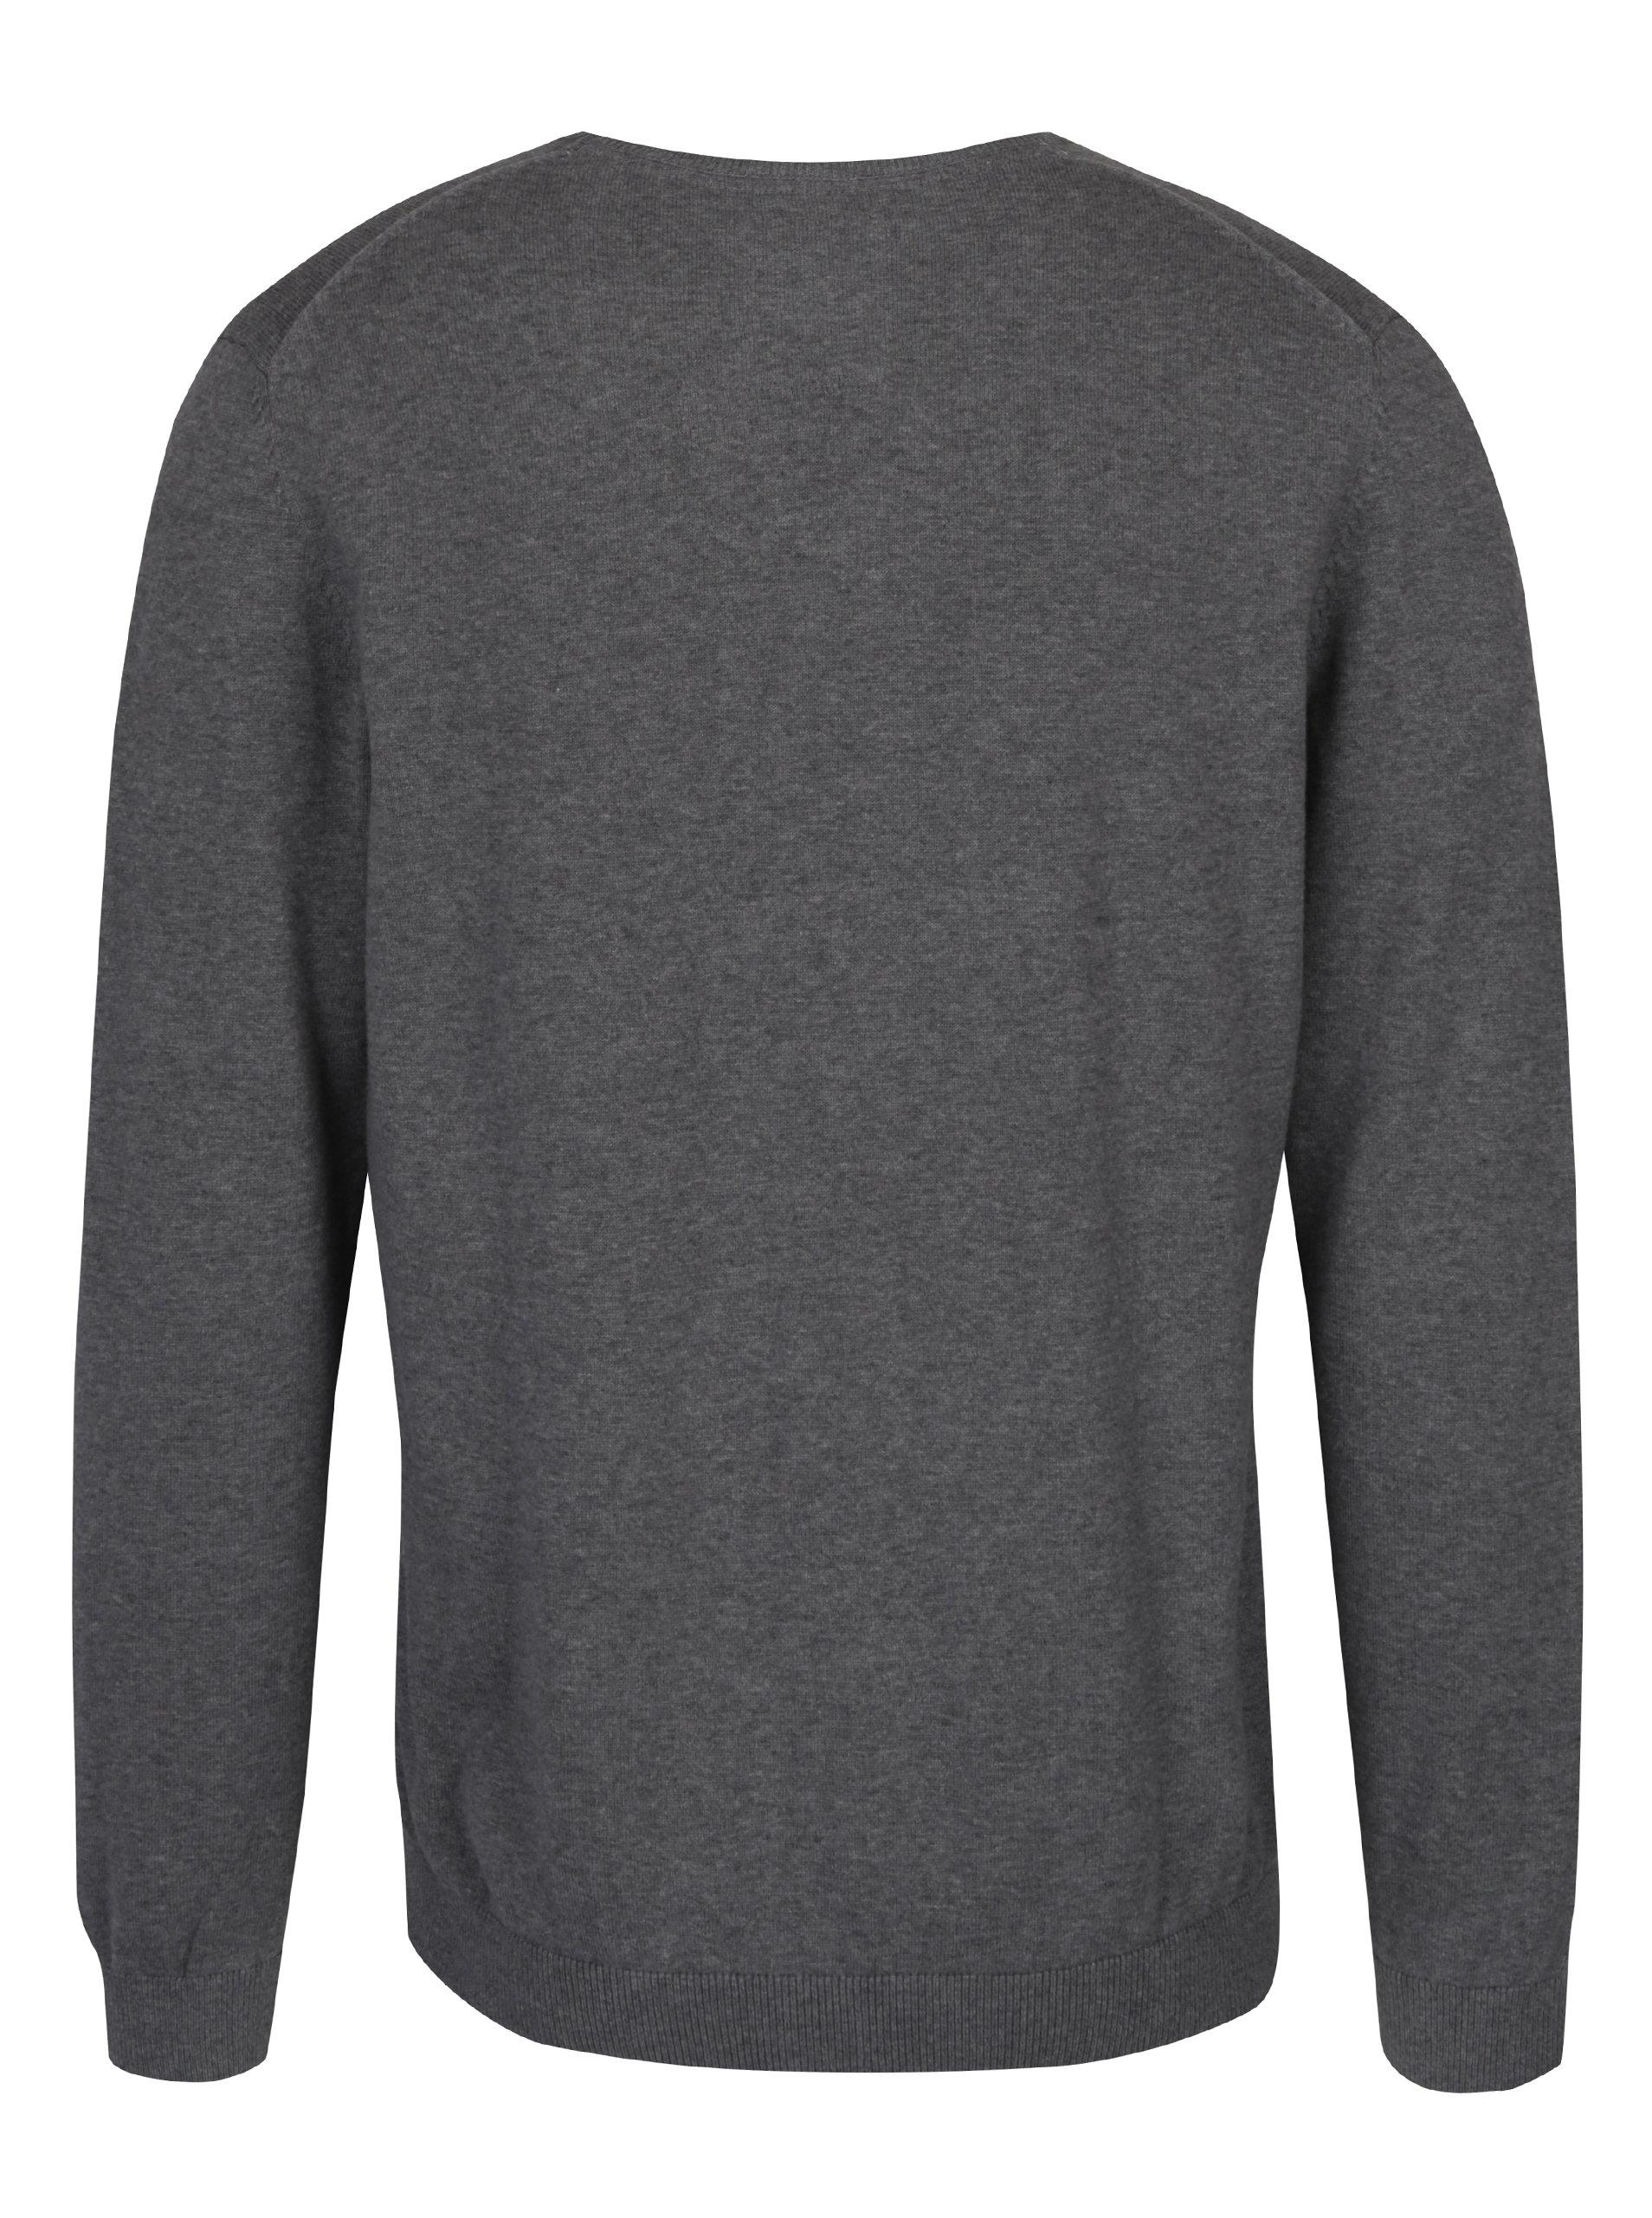 Šedý pánský svetr s véčkovým výstřihem s.Oliver  c40b5920c4